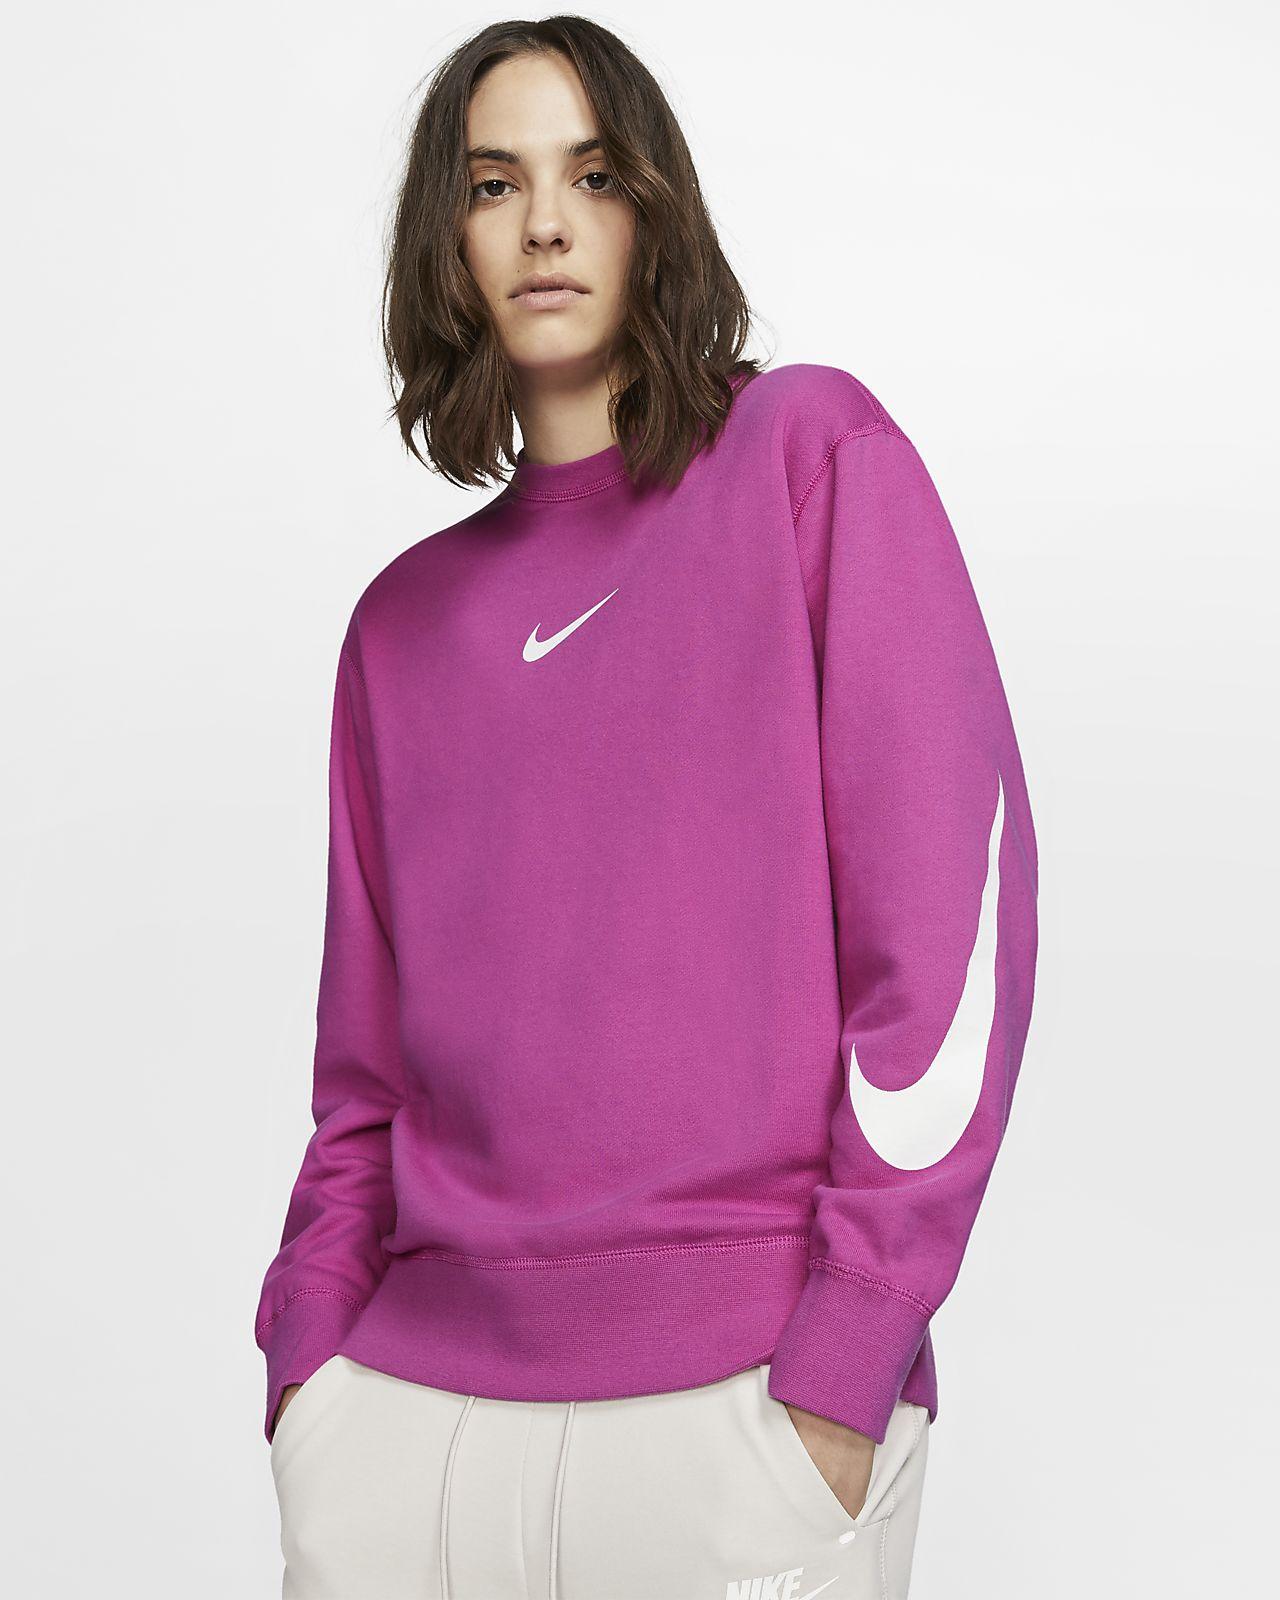 Dámská mikina Nike Sportswear Swoosh s kulatým výstřihem a dlouhým rukávem